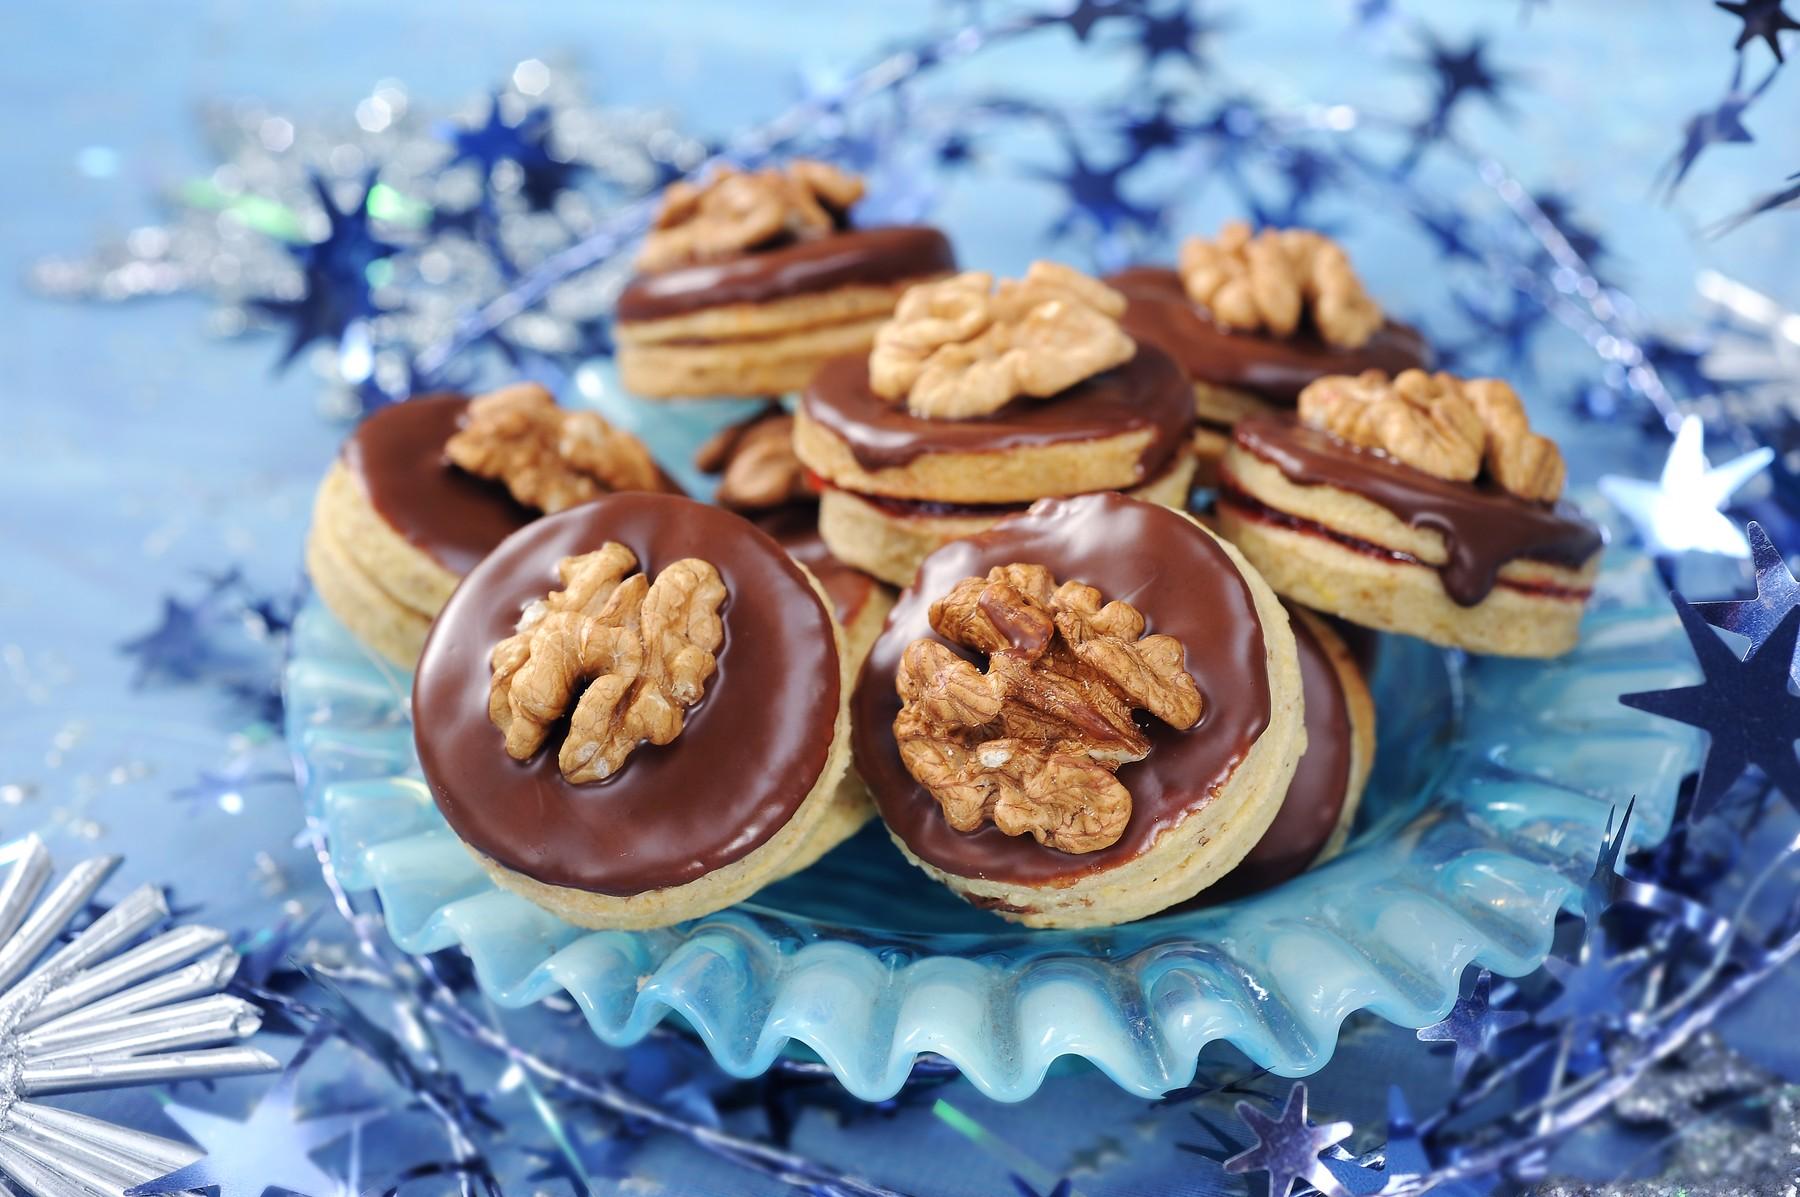 Čokoladni piškoti z orehi